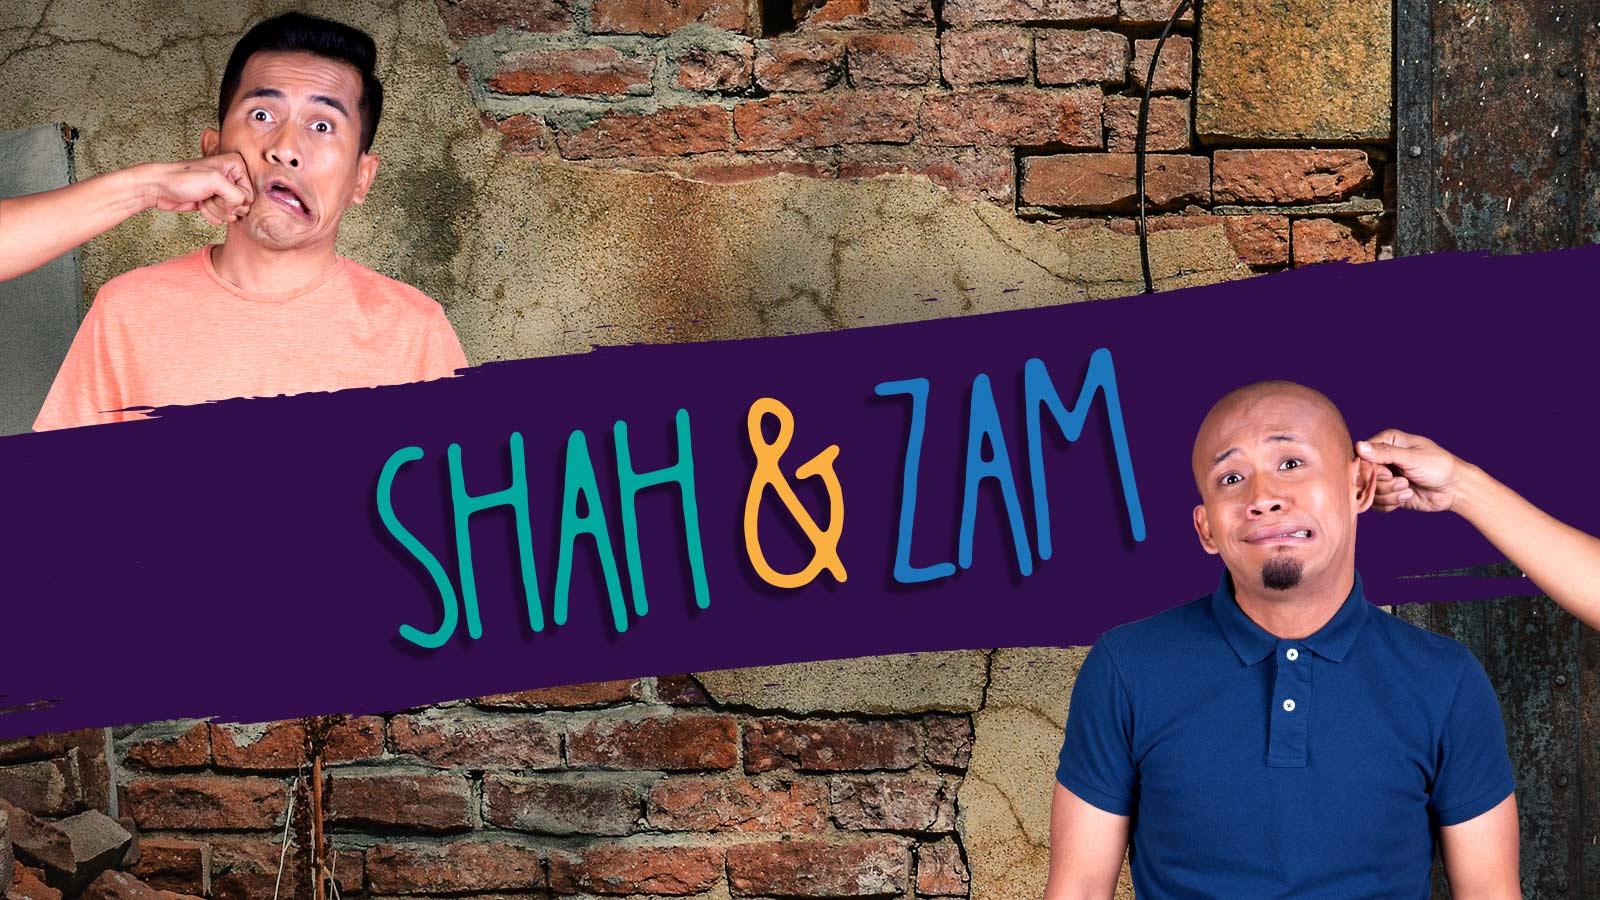 Shah Dan Zam (2018)